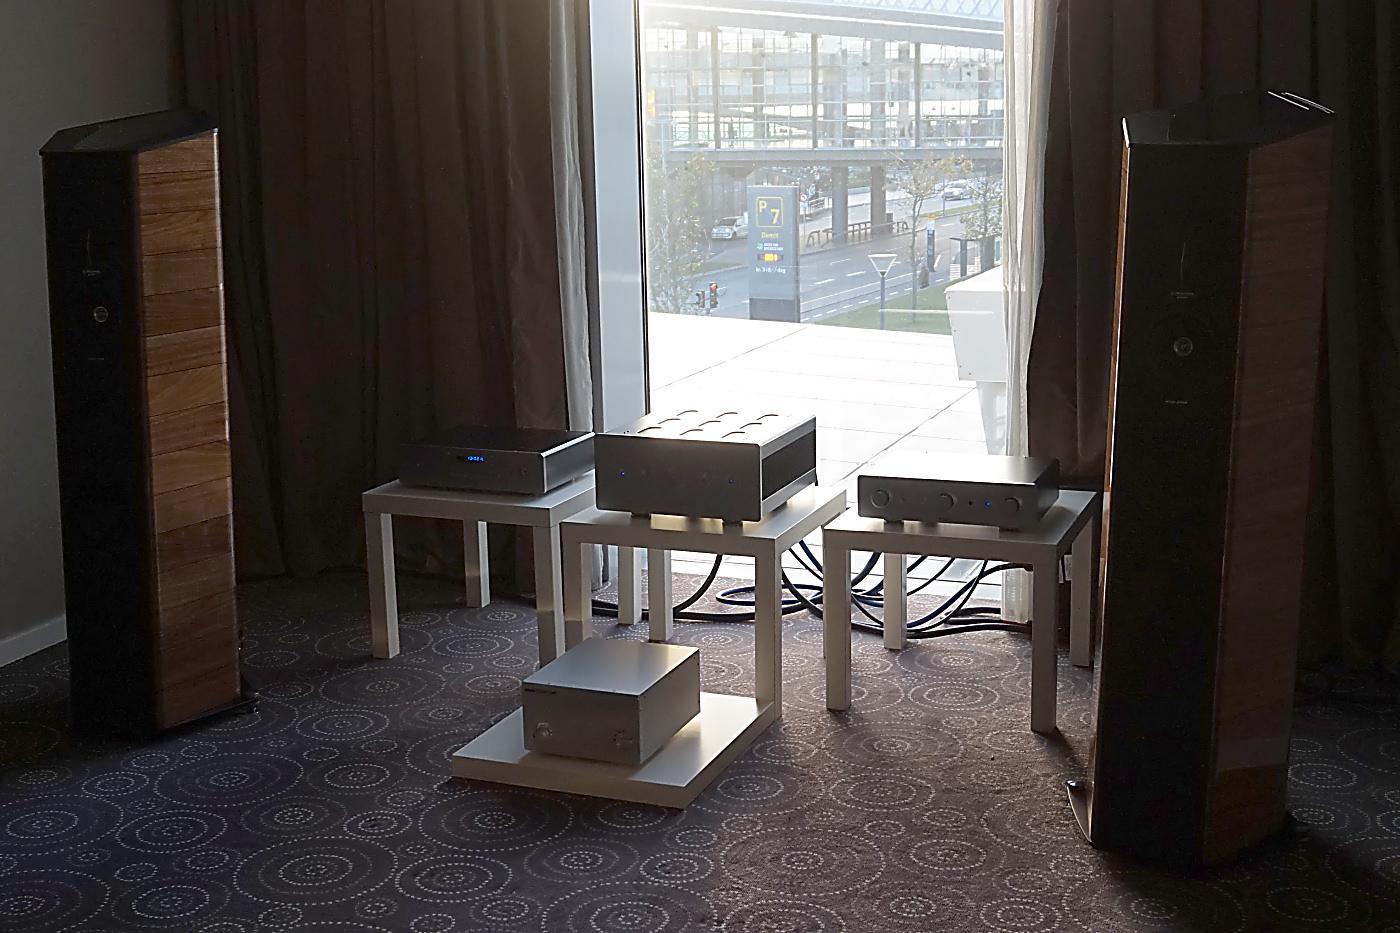 Sonus faber og Sudgen hos AB Audio. Foto: John Alex Hvidlykke, Lyd & Billede